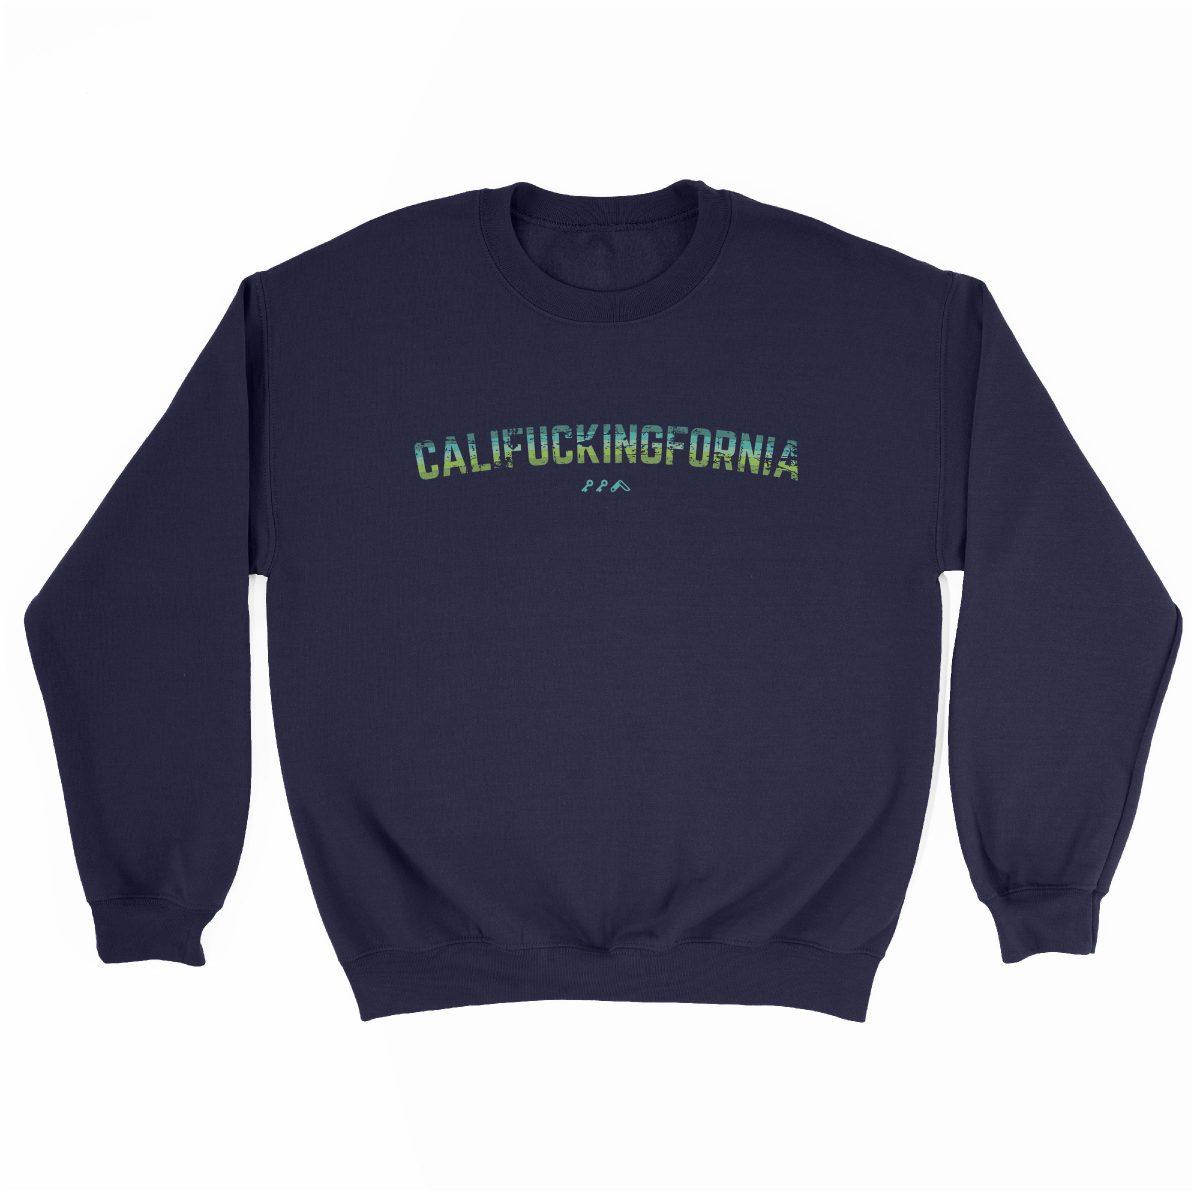 califuckingfornia 90s design retro sweatshirt in navy blue by kikicutt sweatshirt store